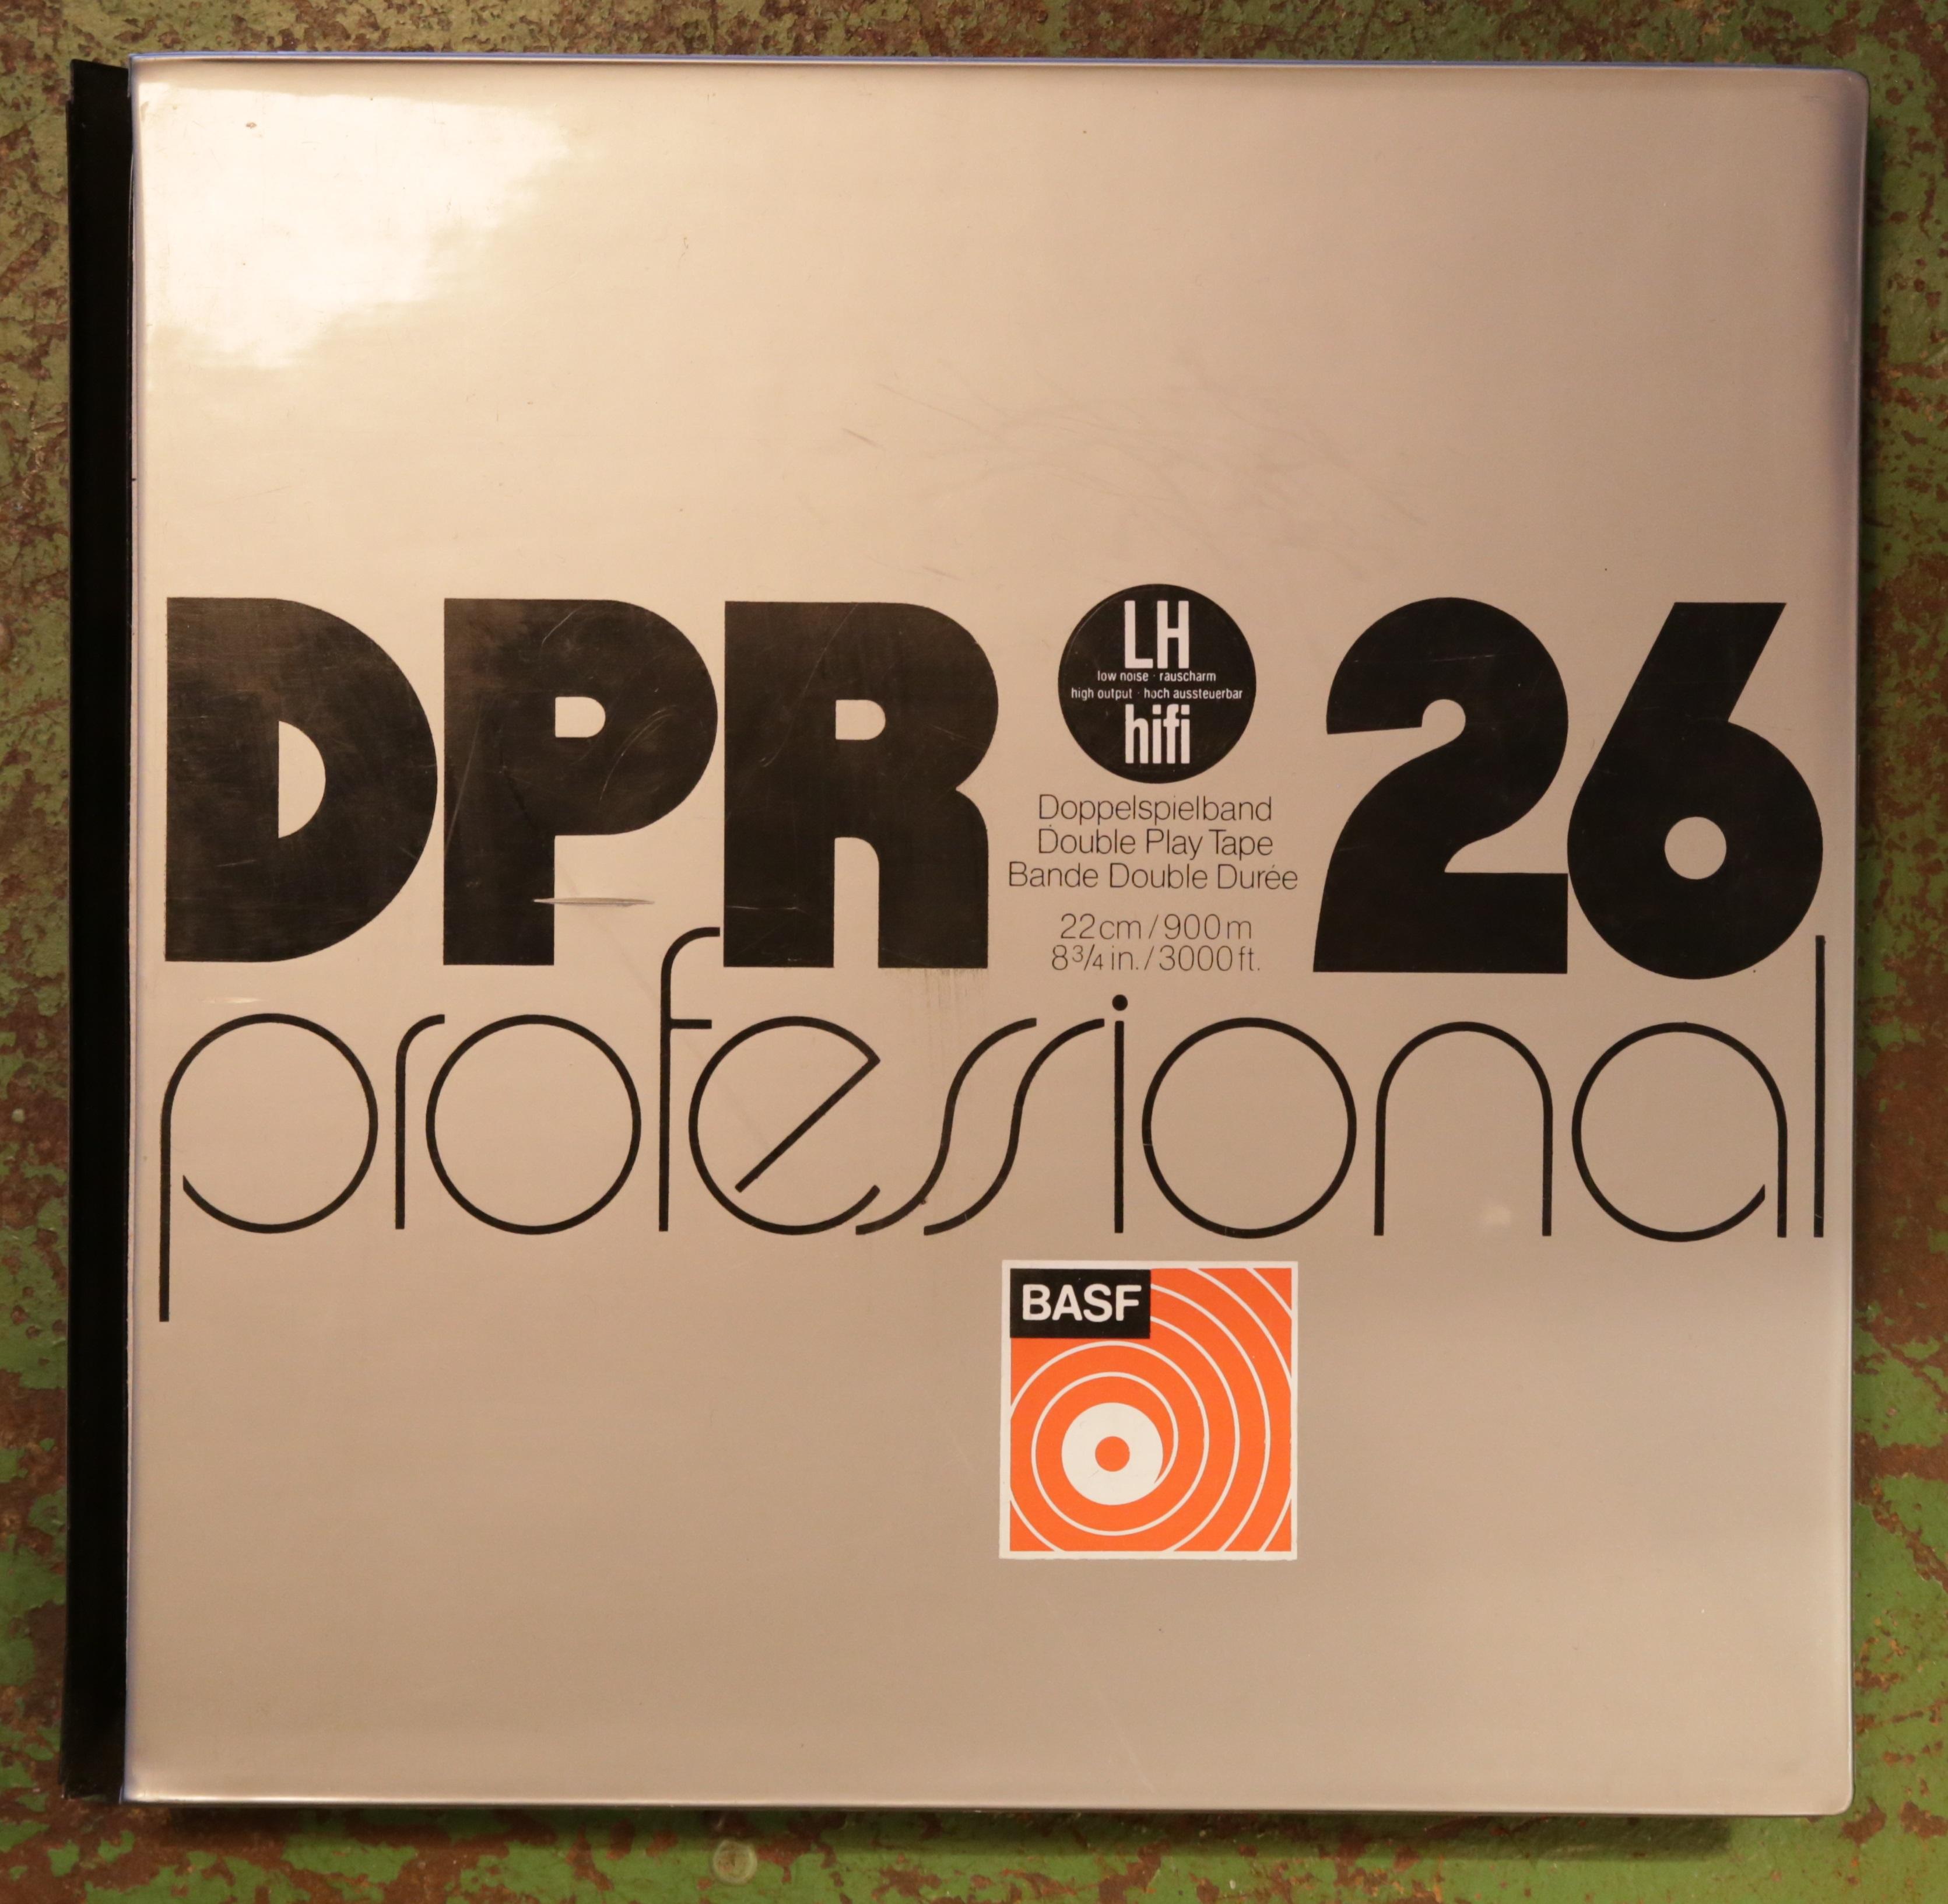 Die Verpackung des Agfa DPR 26 professional